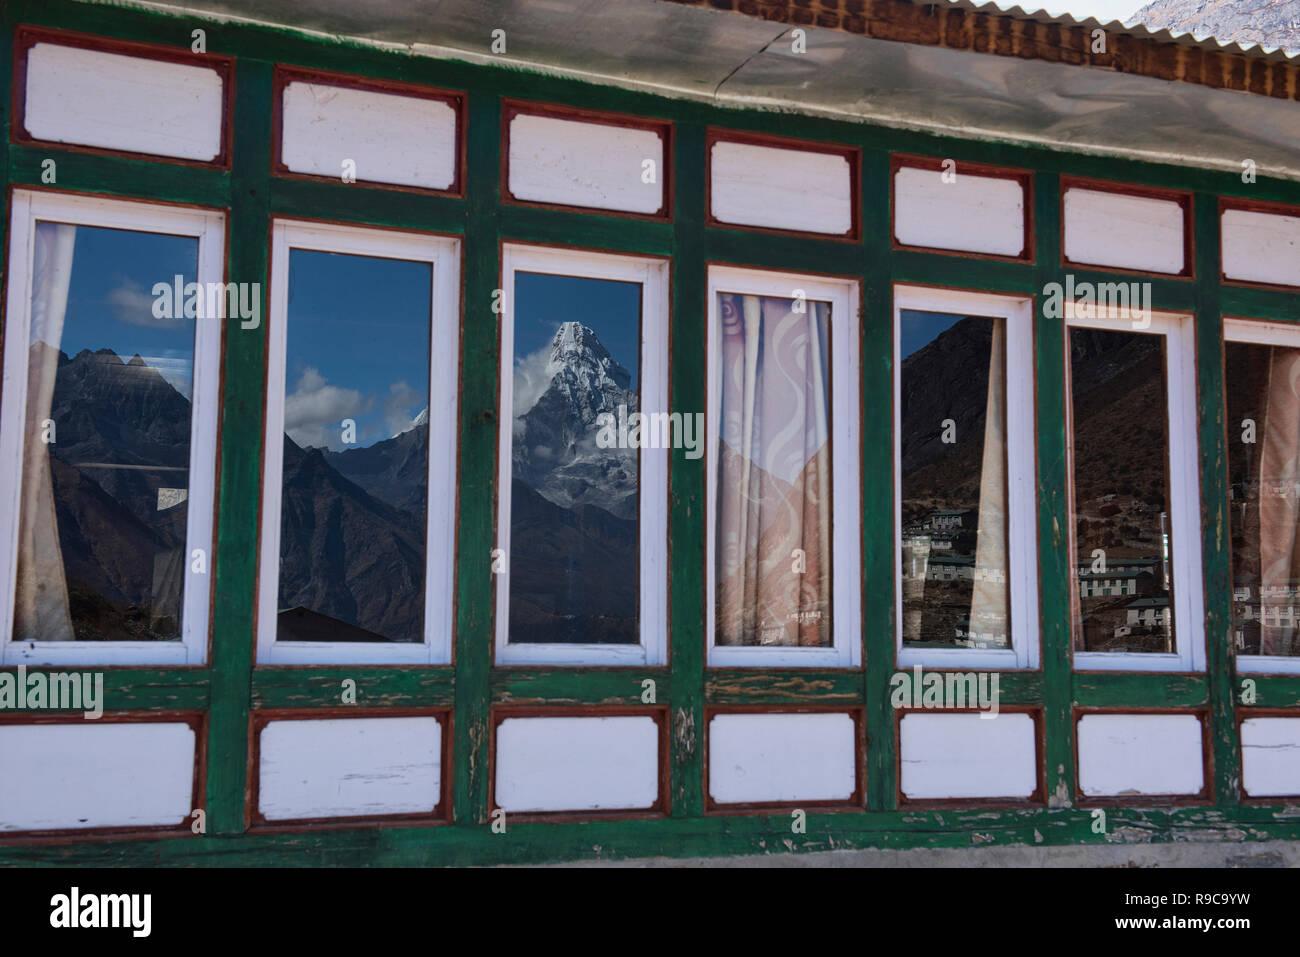 Ama Dablam reflection, Khumjung, Everest region, Khumbu, Nepal - Stock Image